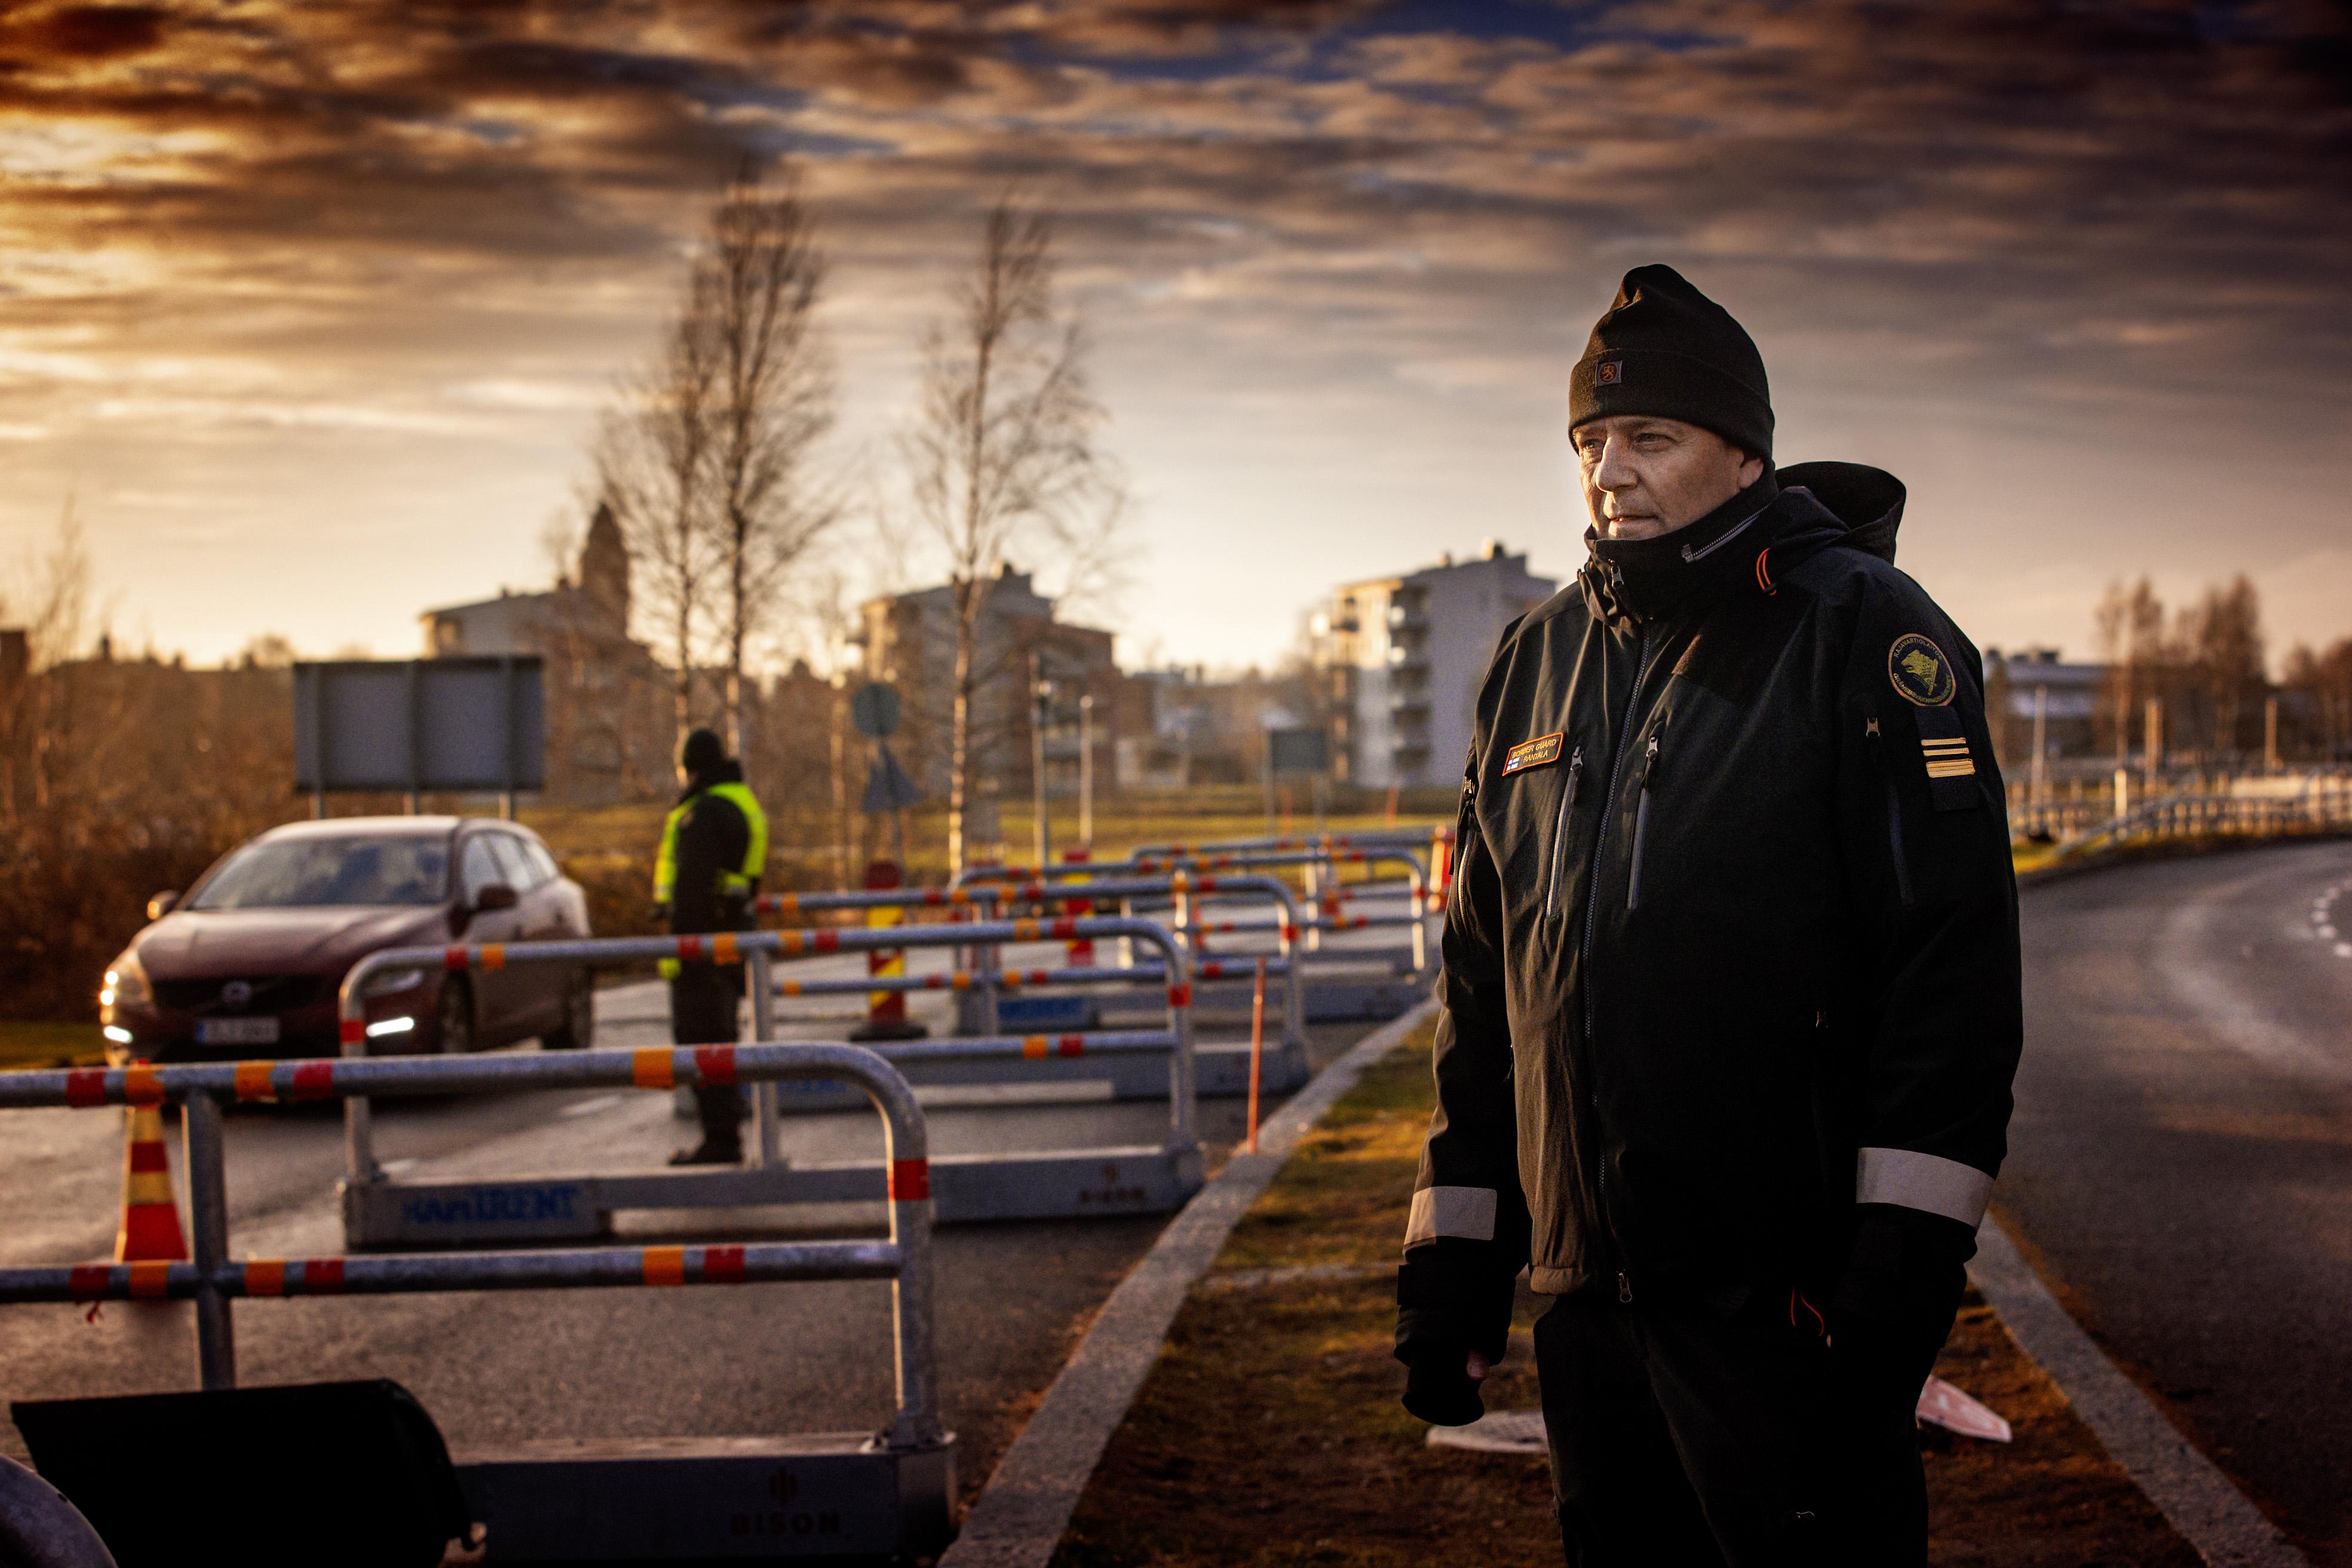 Ett år med stängd gräns Torneå - Haparanda